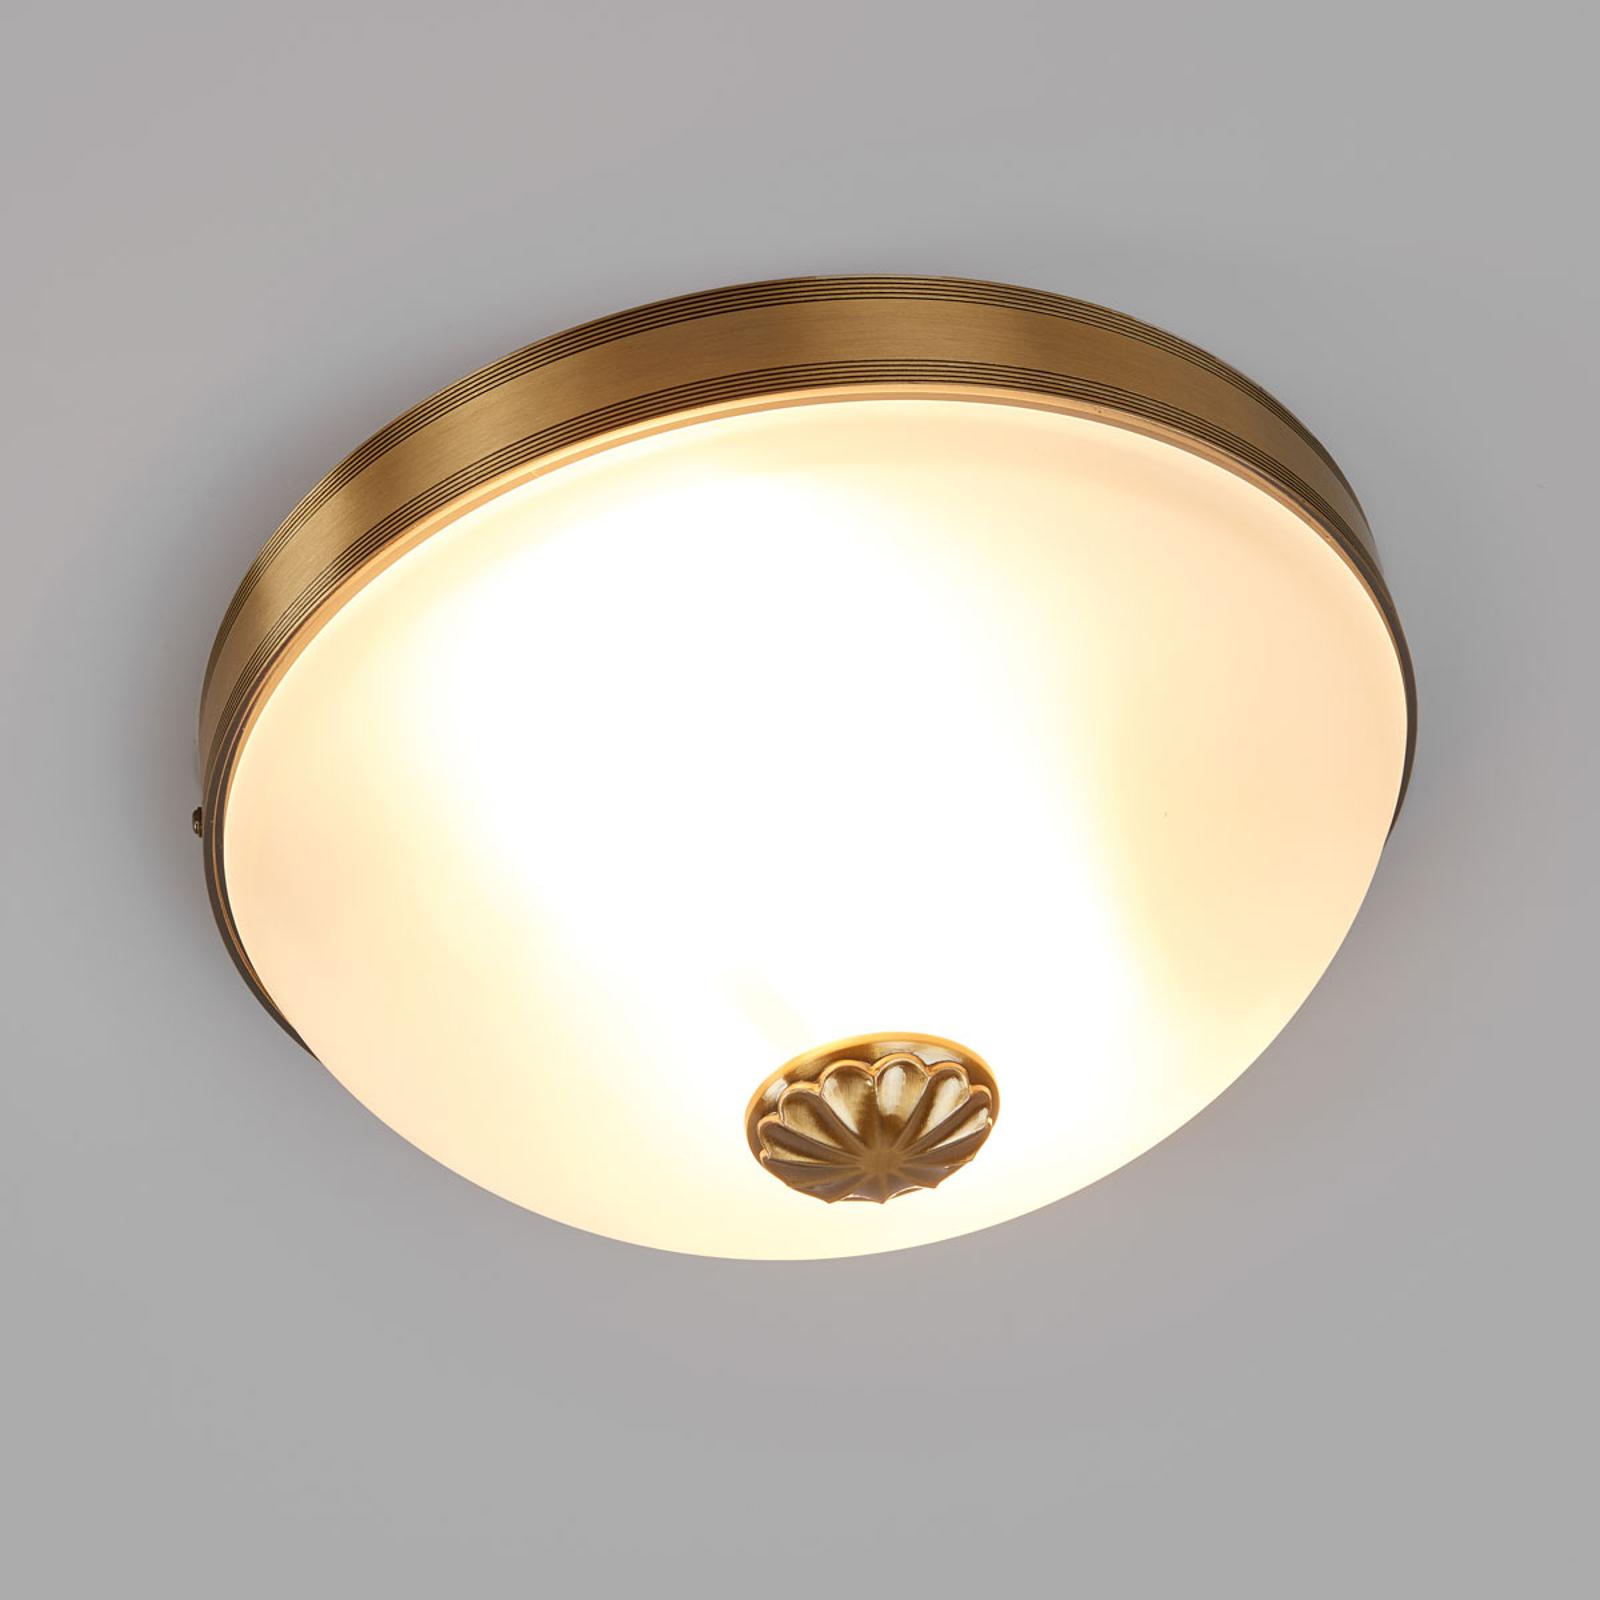 Vakker Impery taklampe i antikk stil